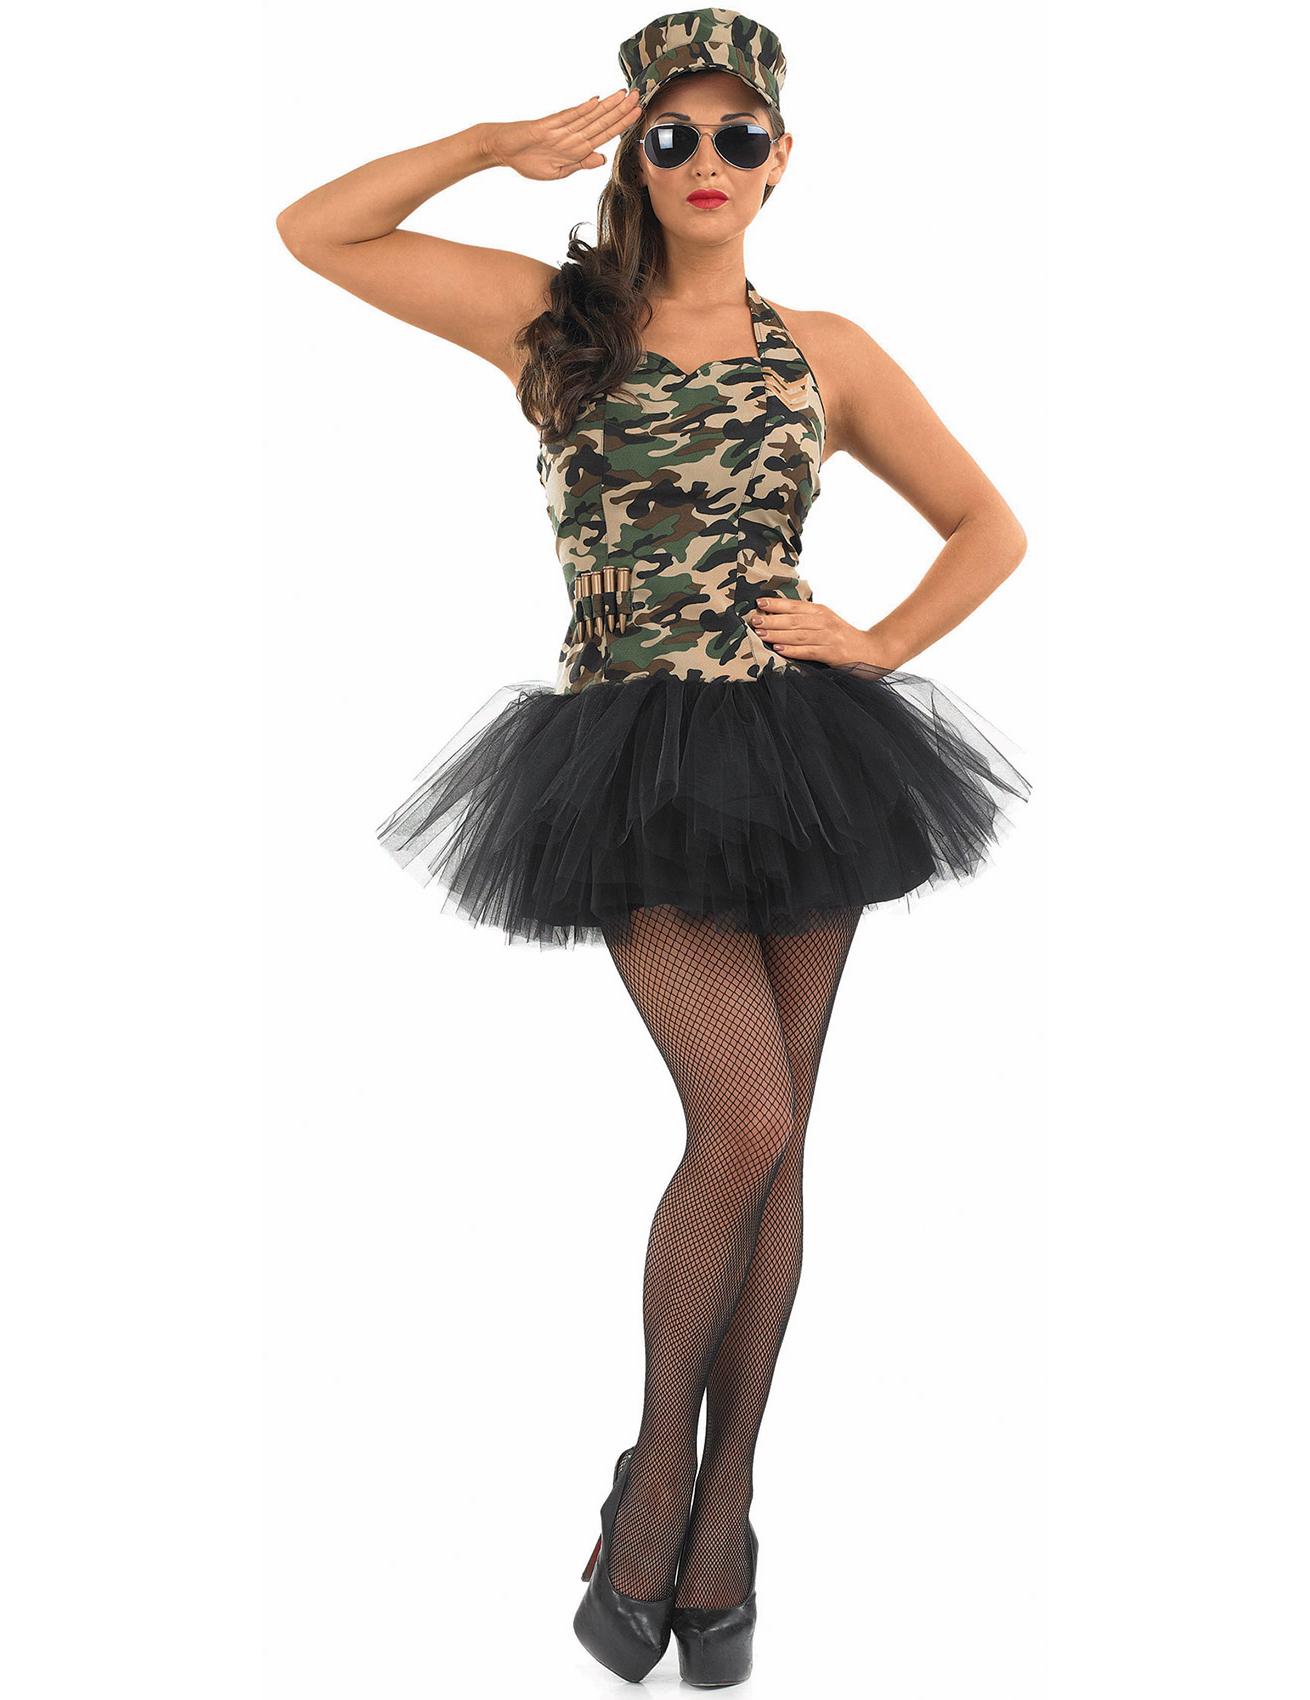 http://cdn.deguisetoi.fr/images/rep_articles/gra/de/deguisement-militaire-femme_217137.jpg